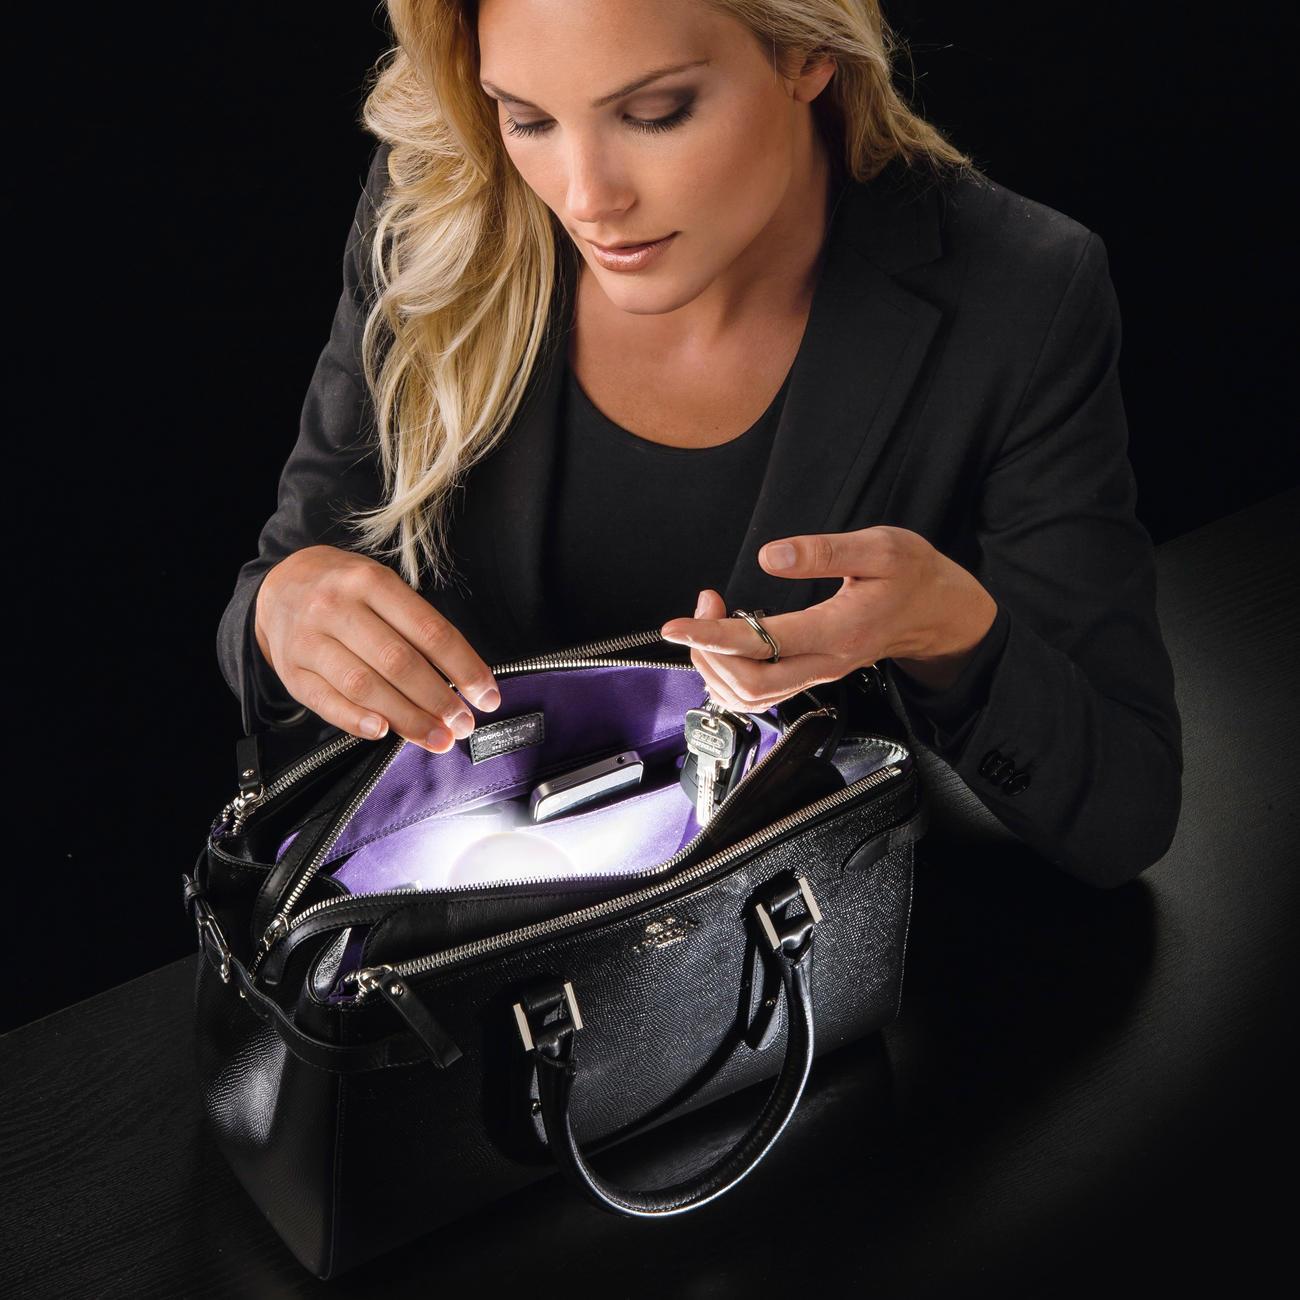 Buy Soi Handbag Light 3 Year Product Guarantee